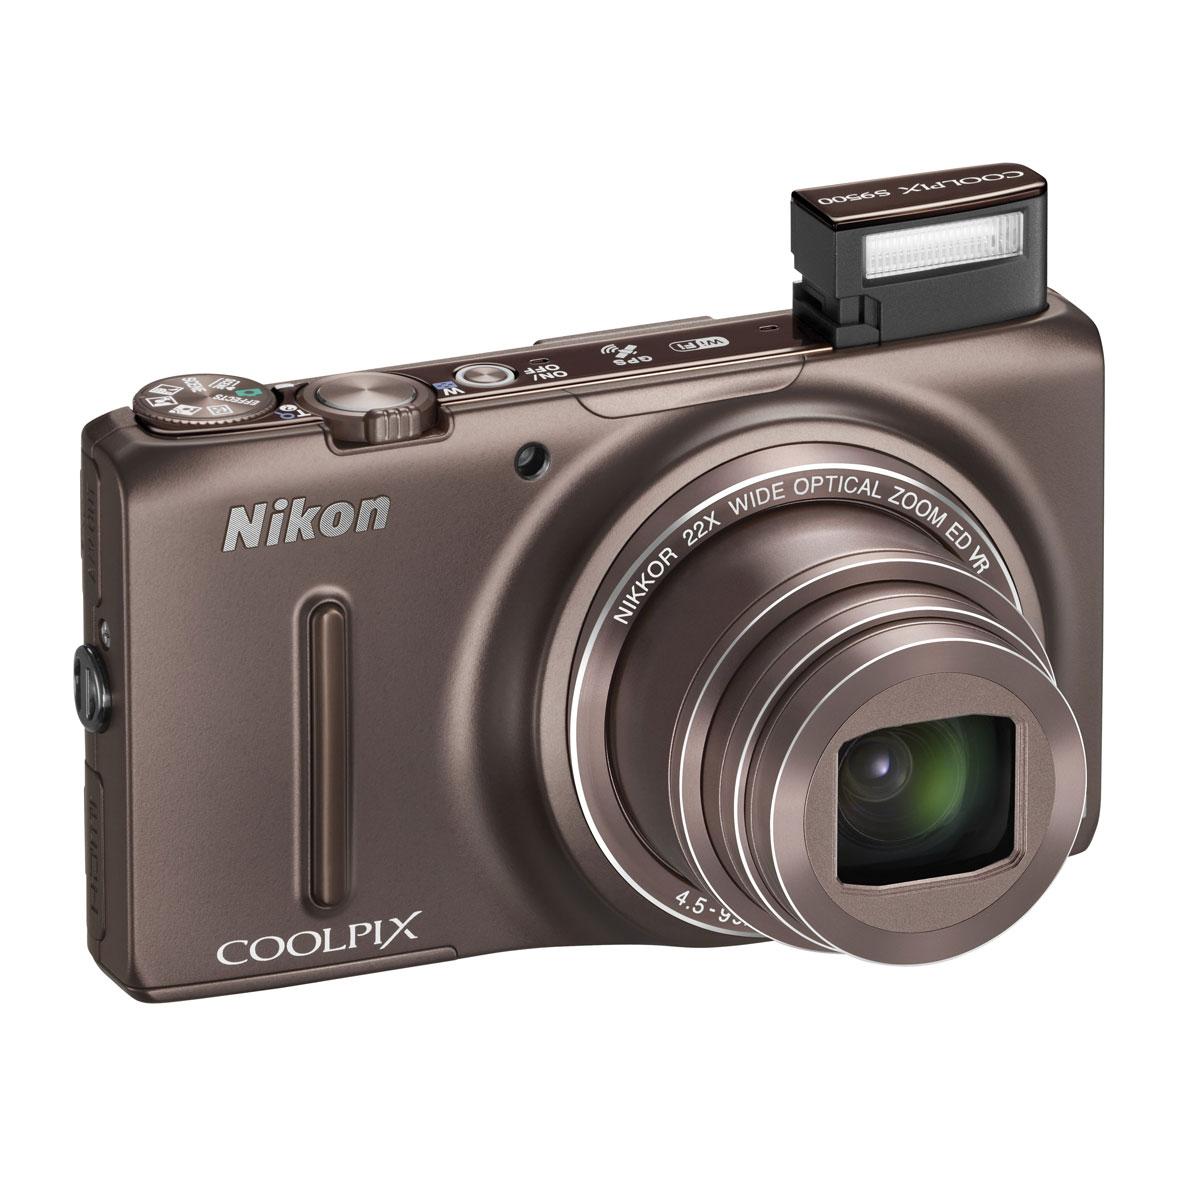 nikon coolpix s9500 marron appareil photo num rique nikon sur. Black Bedroom Furniture Sets. Home Design Ideas